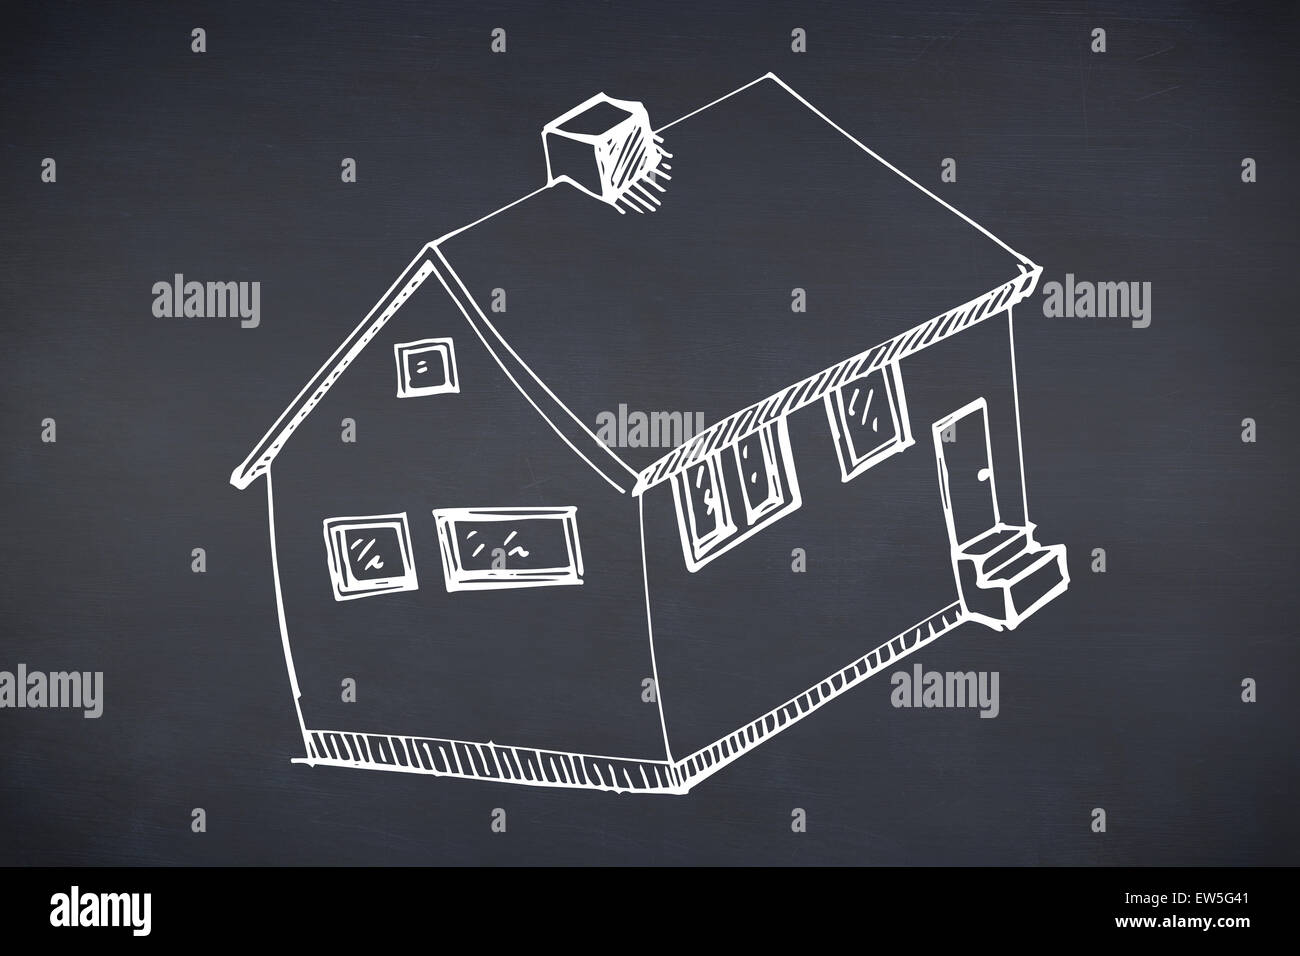 Immagine composita di disegnati a mano house Immagini Stock